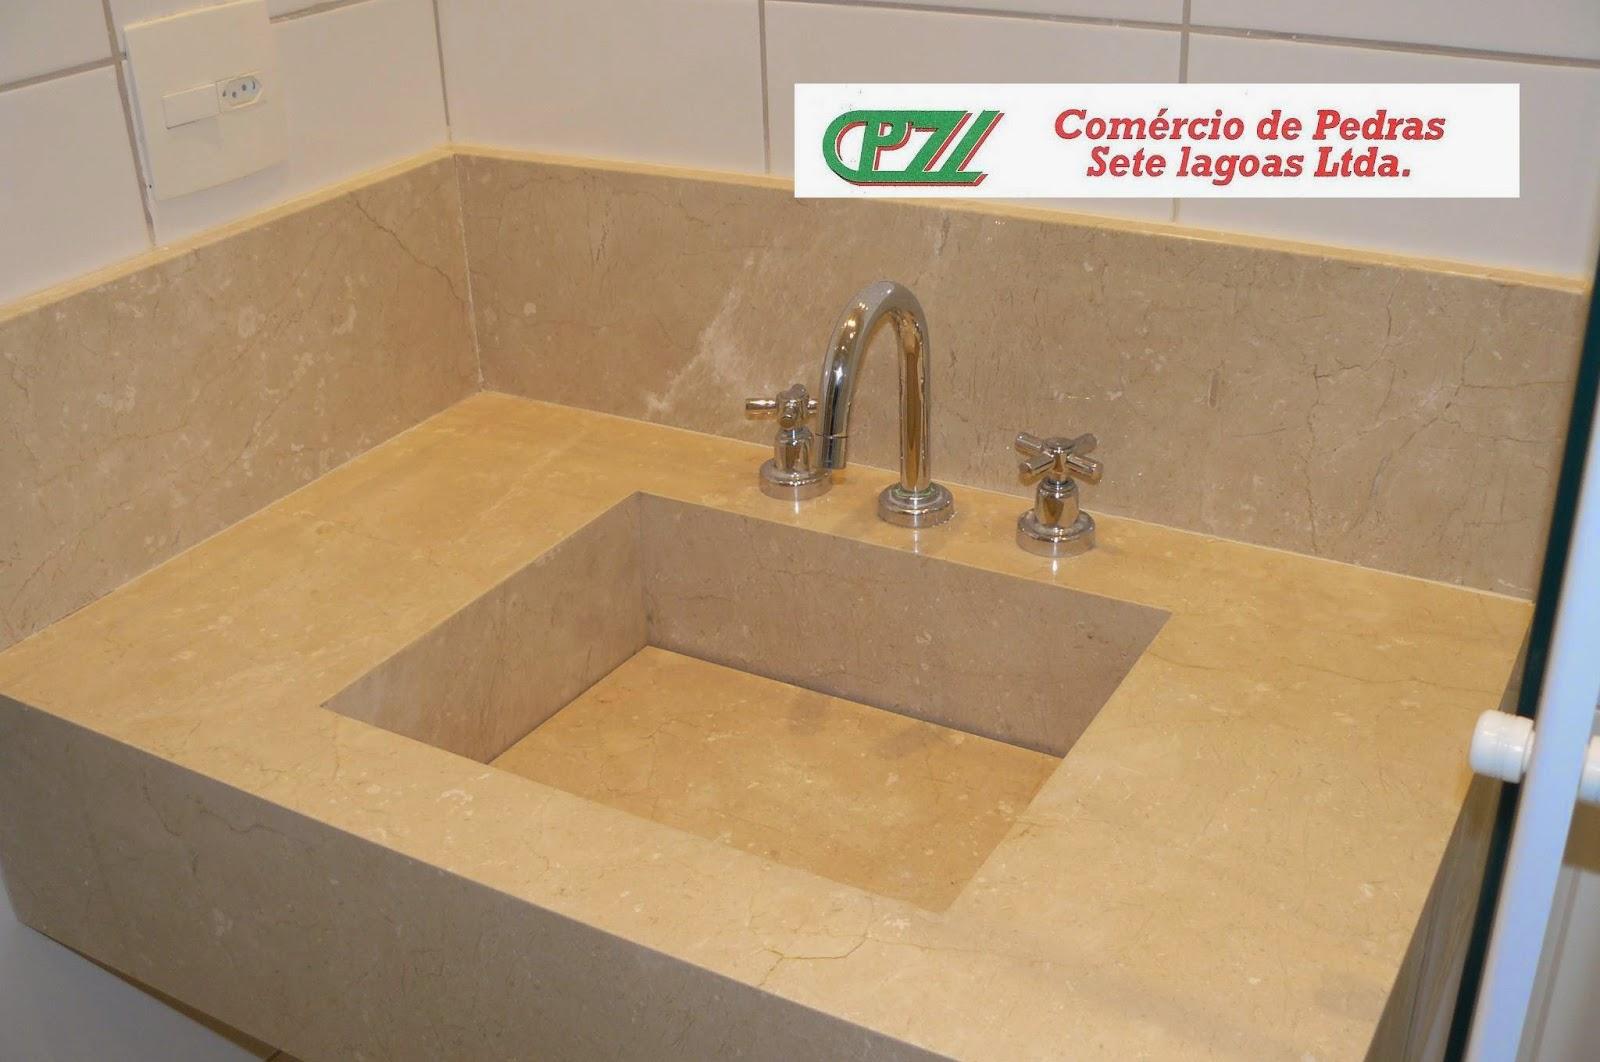 MÁRMORE CREMA MARFIL CUBA ESCULPIDA #339050 1600x1062 Balança De Banheiro Quanto Custa